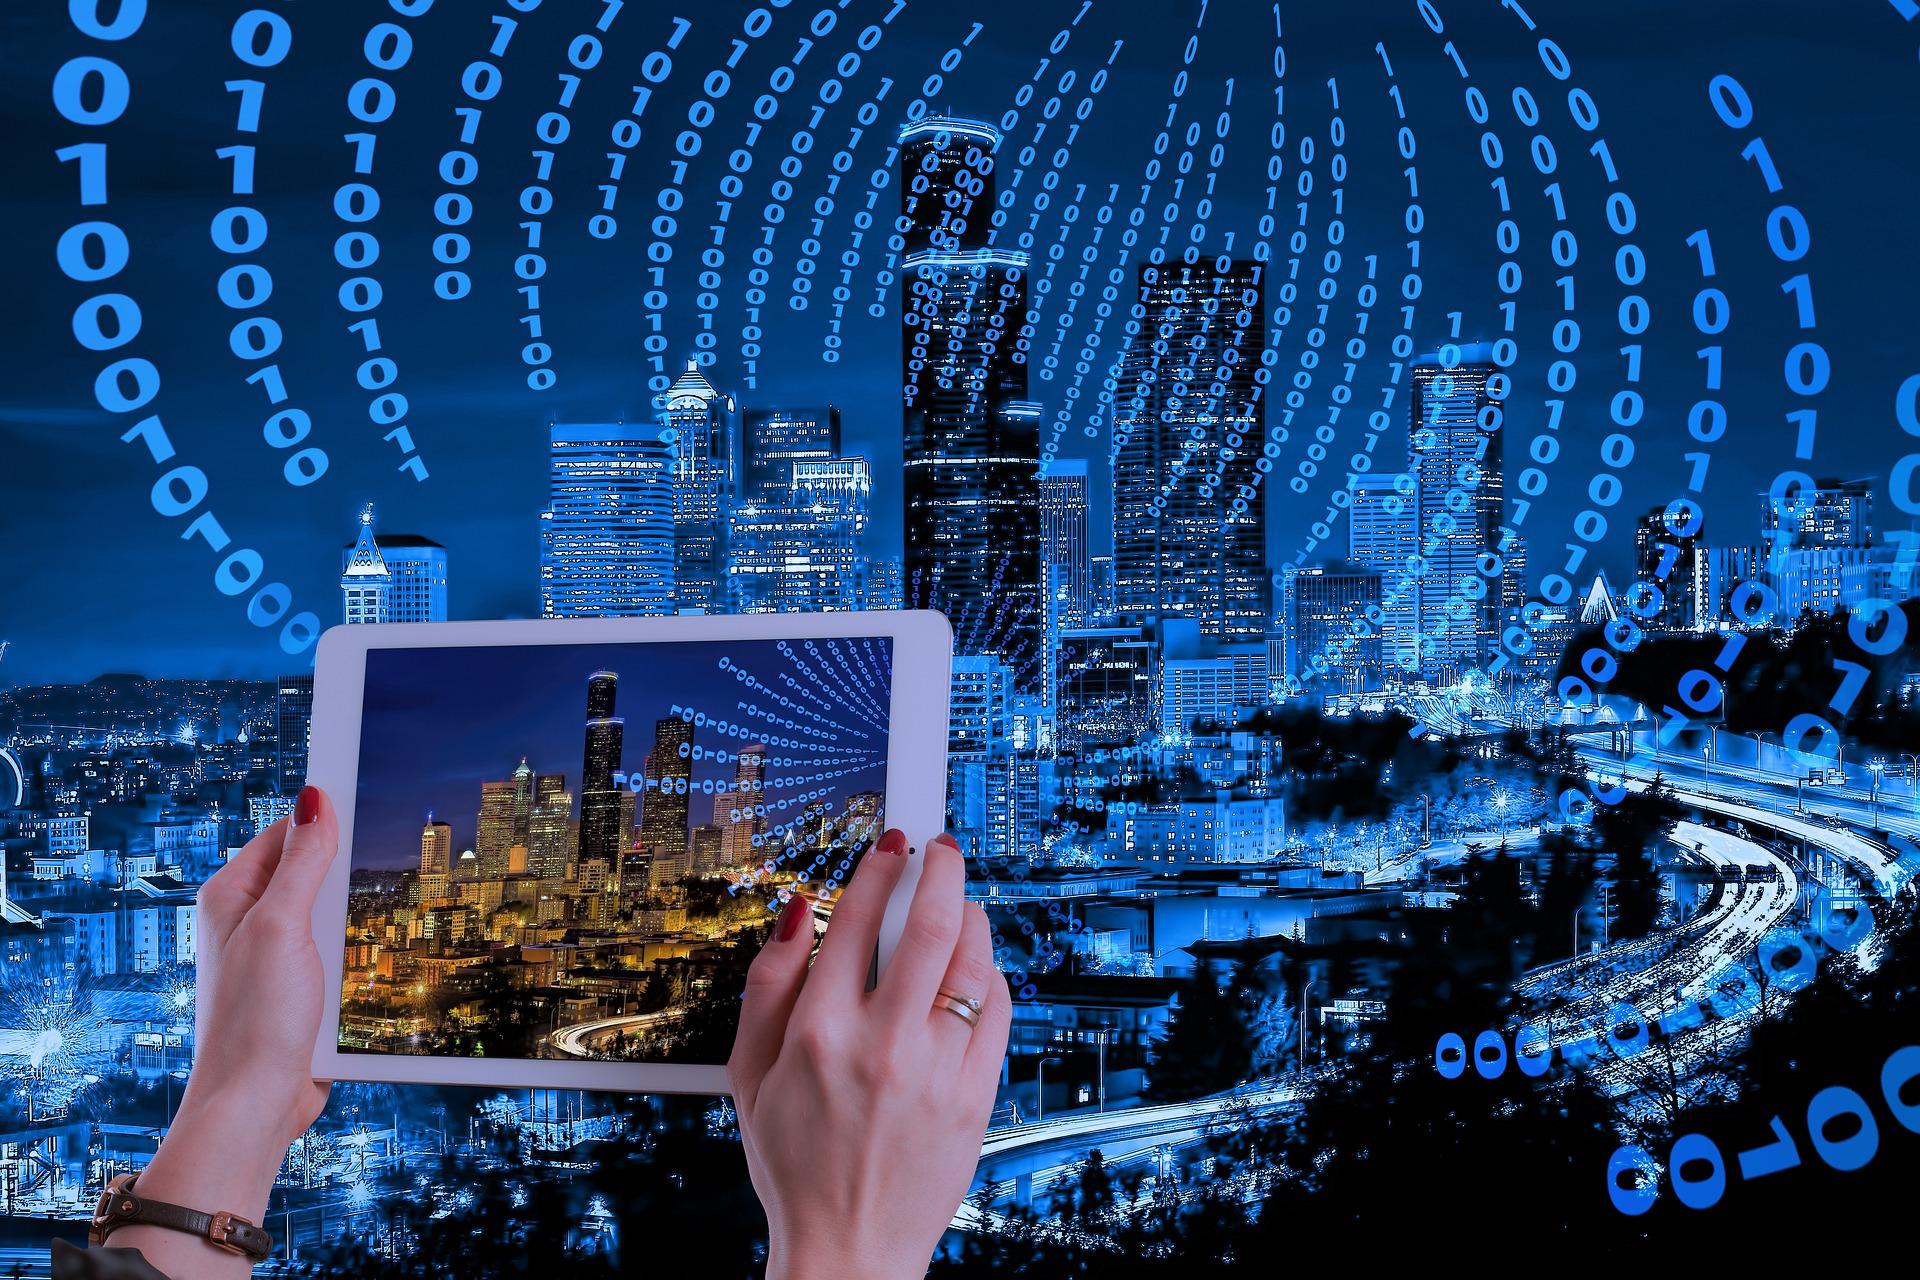 浪潮参加2021中国国际数字经济博览会 助力数字经济创新发展